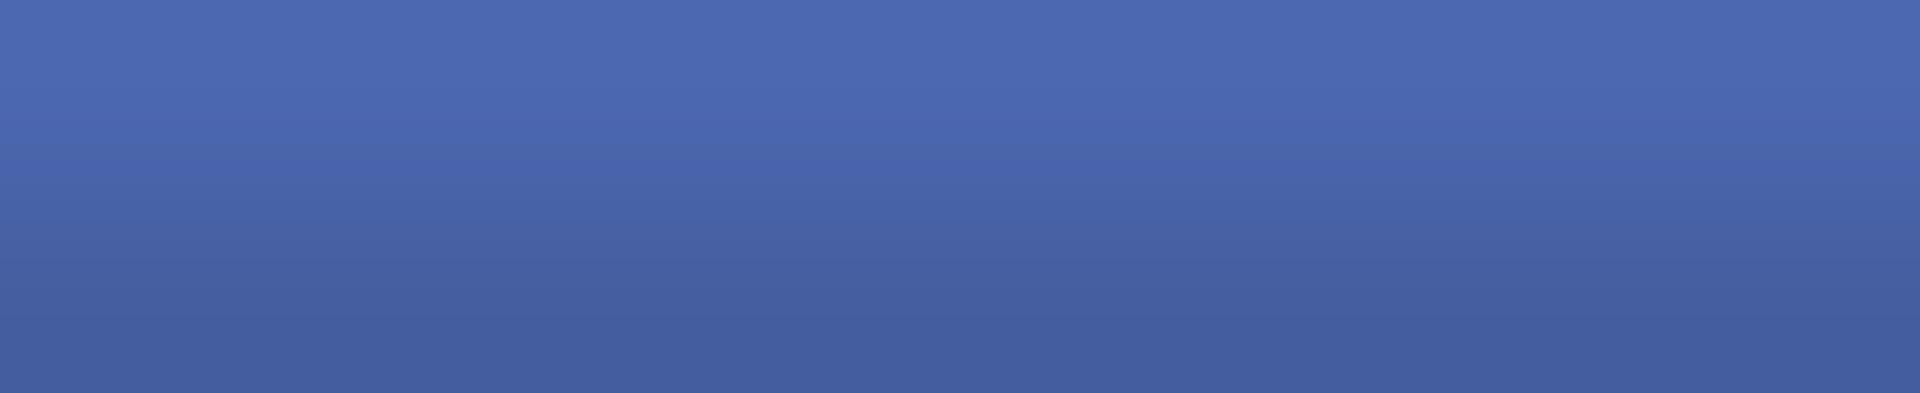 Diagrammer fra Visio Online Abonnement 2 på nettbrett og iPad.